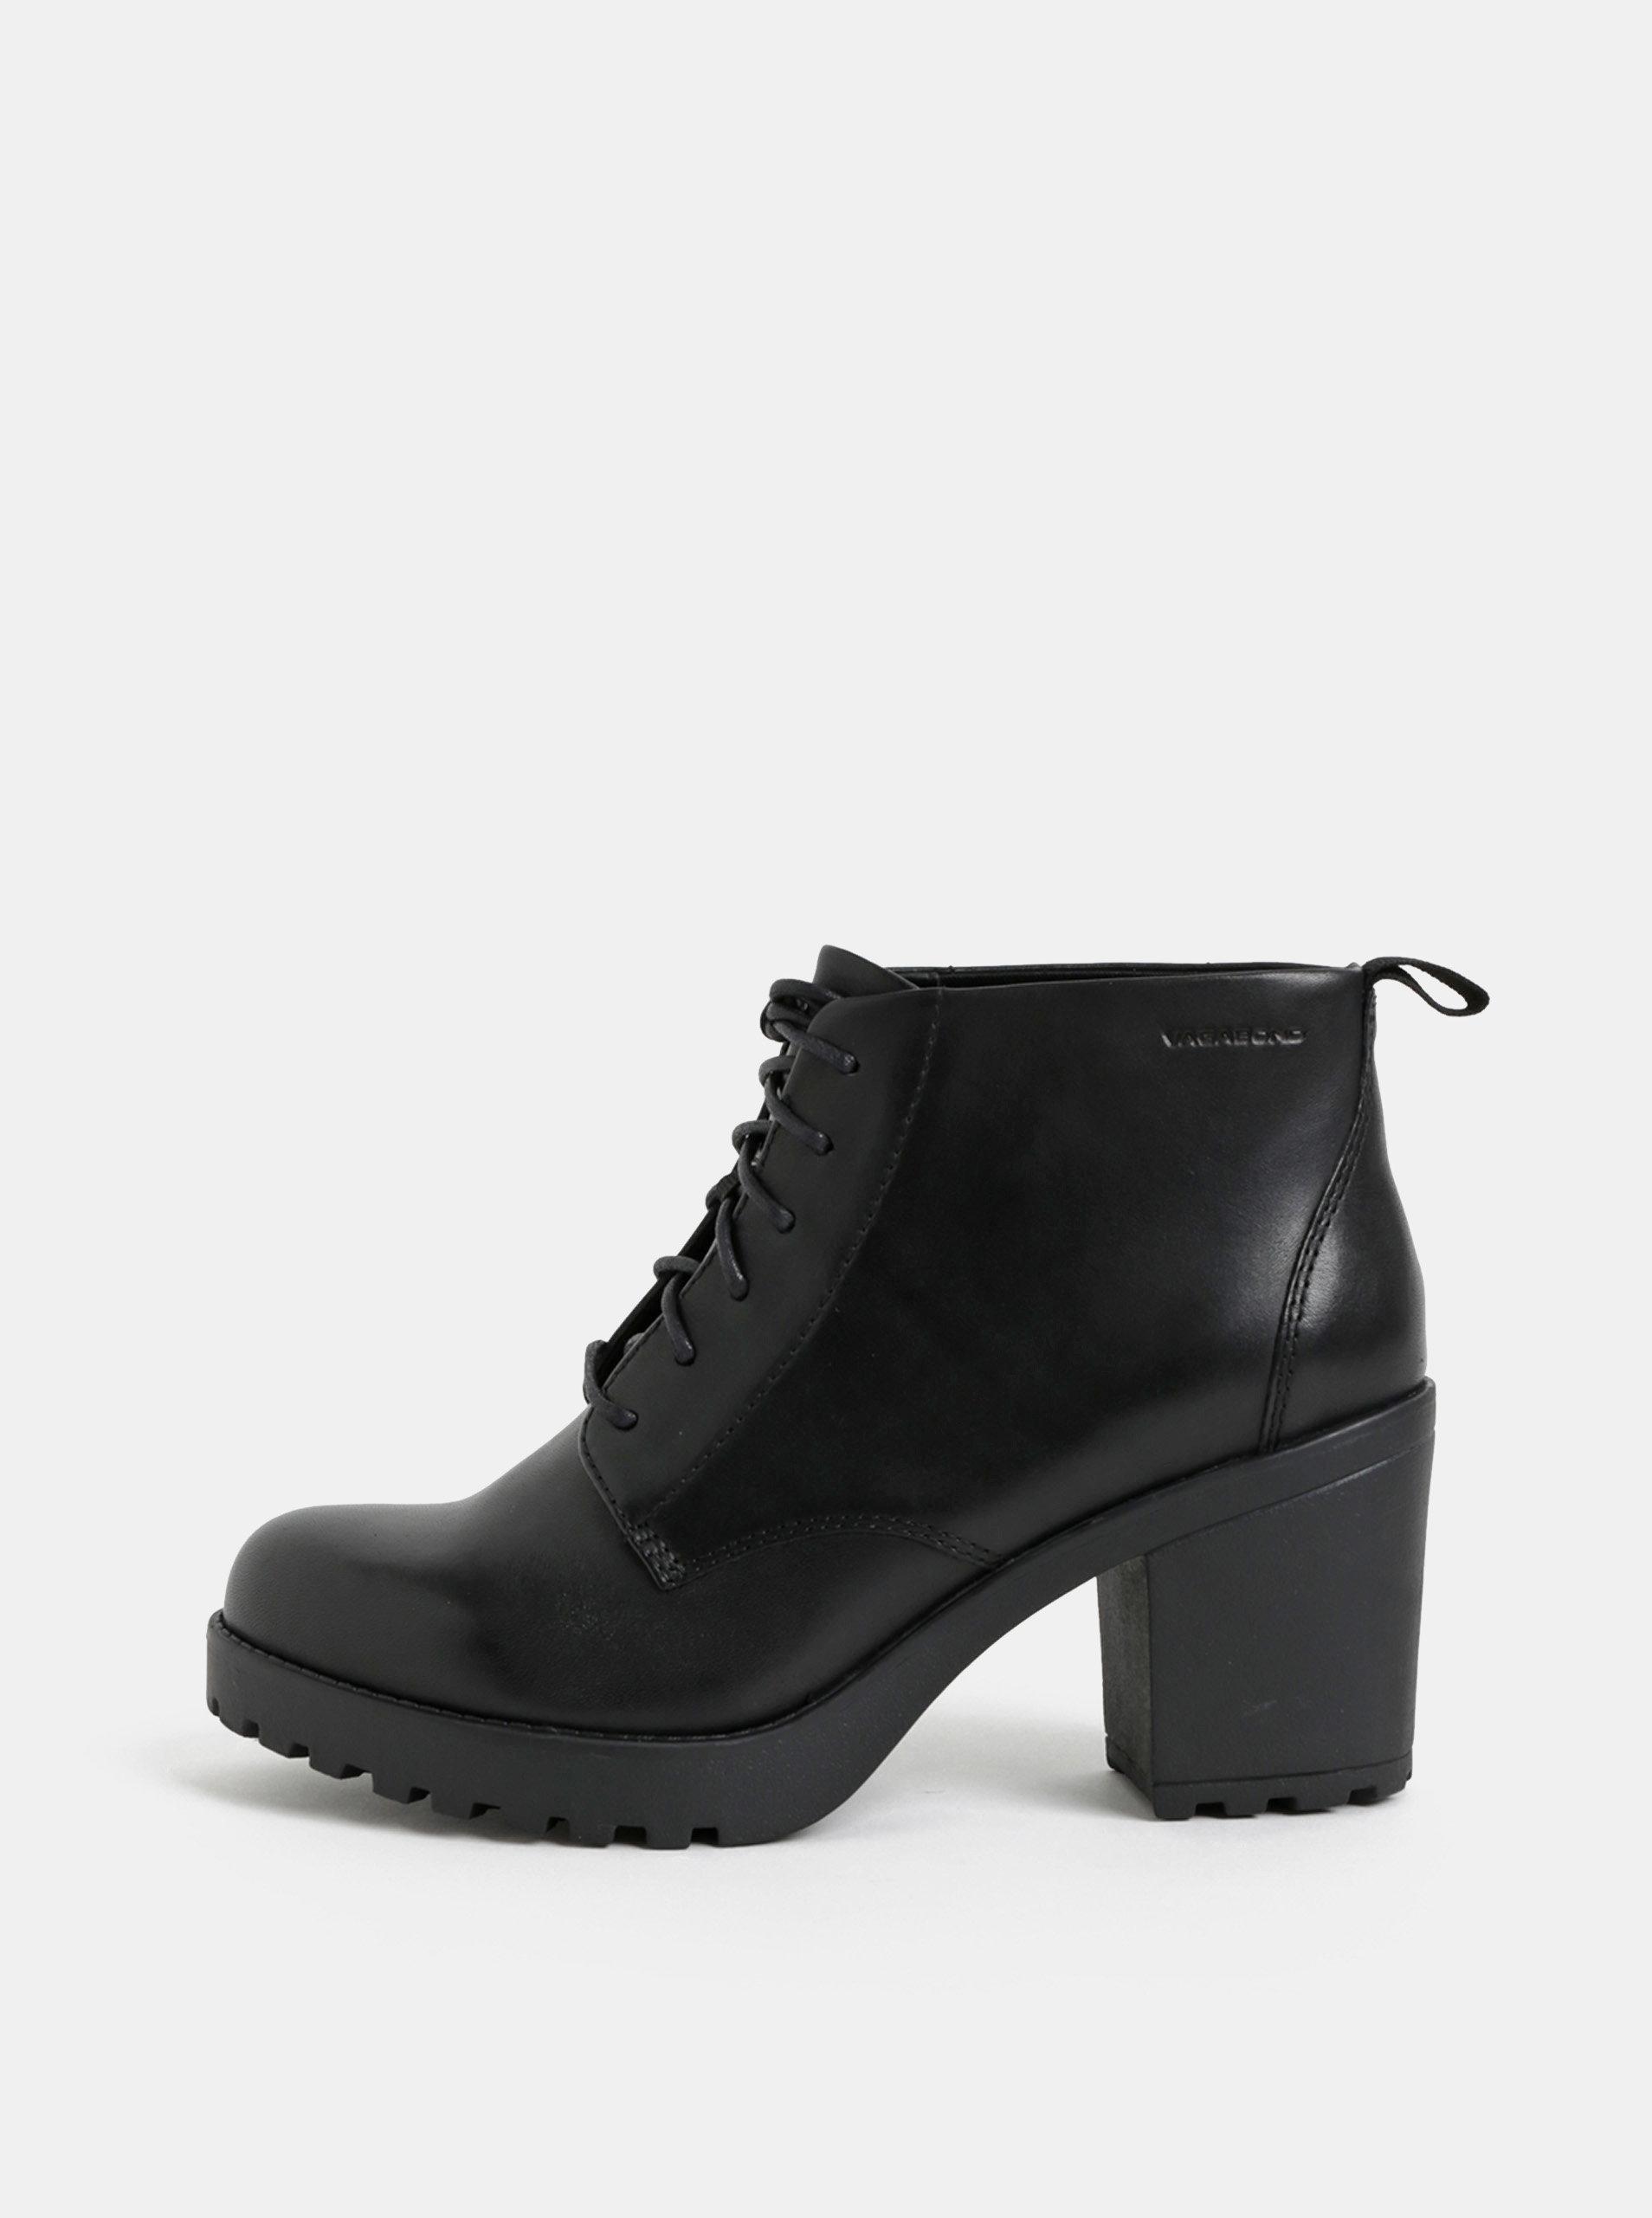 e3fad3121f5 Černé dámské kožené kotníkové boty na podpatku Vagabond Grace ...